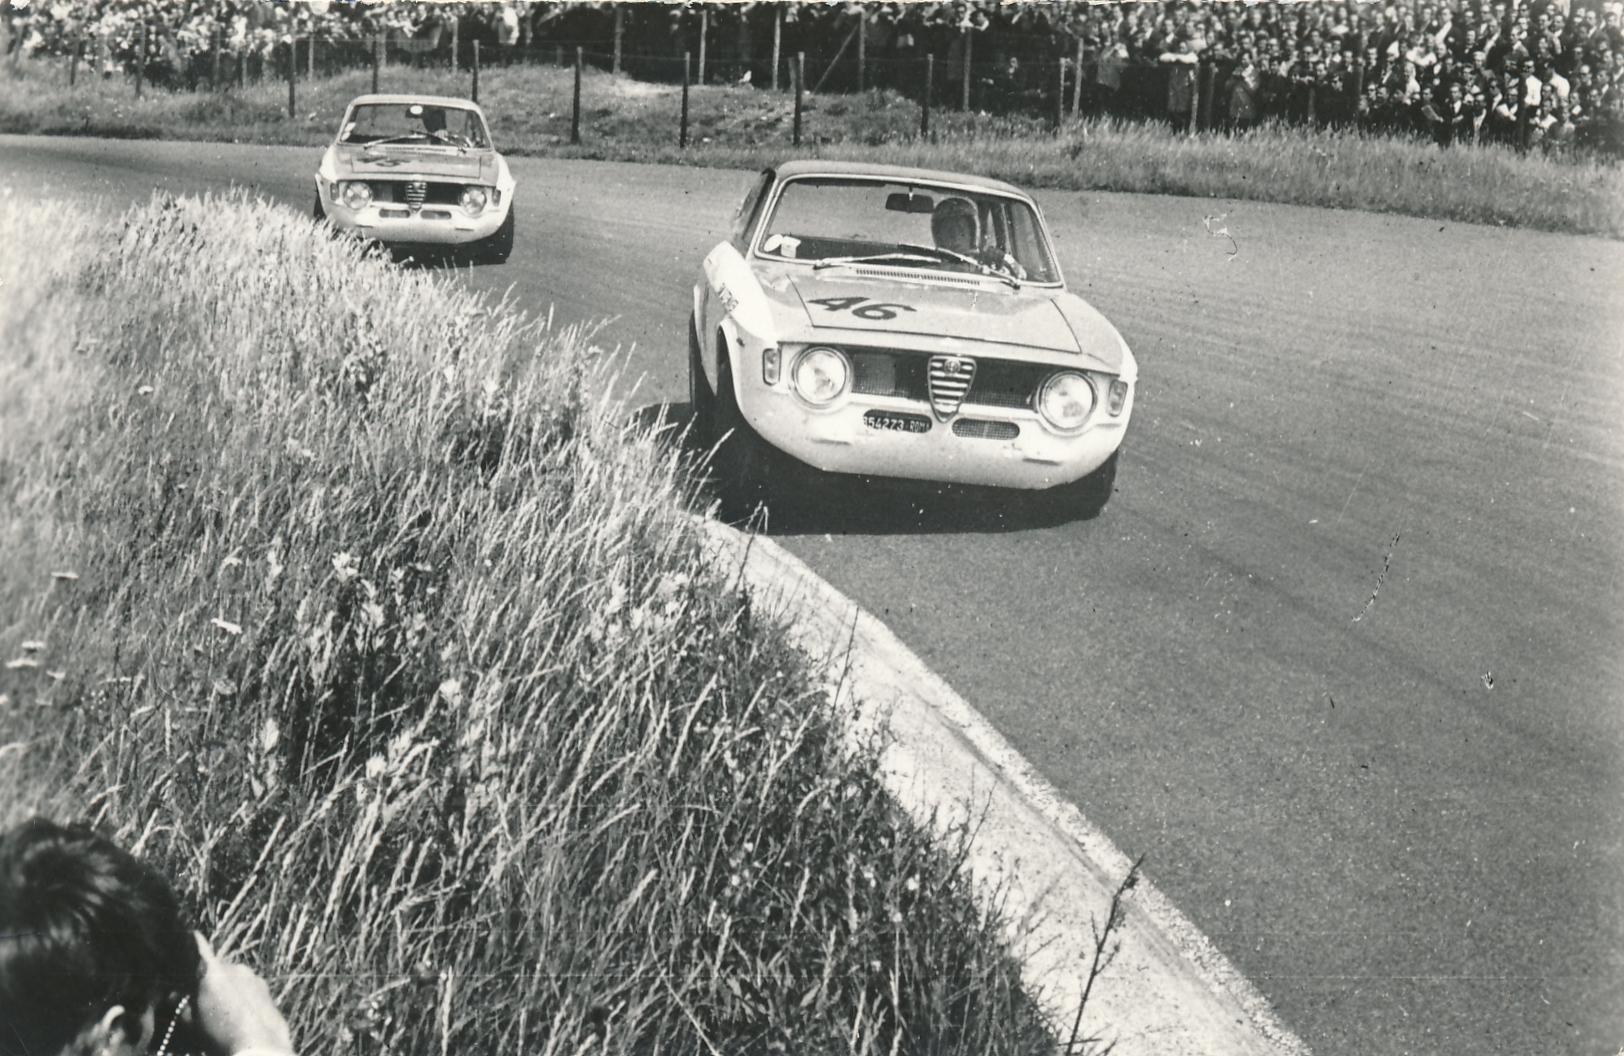 Biografie Over Vroeg Verongelukte Zandvoortse Autocoureur